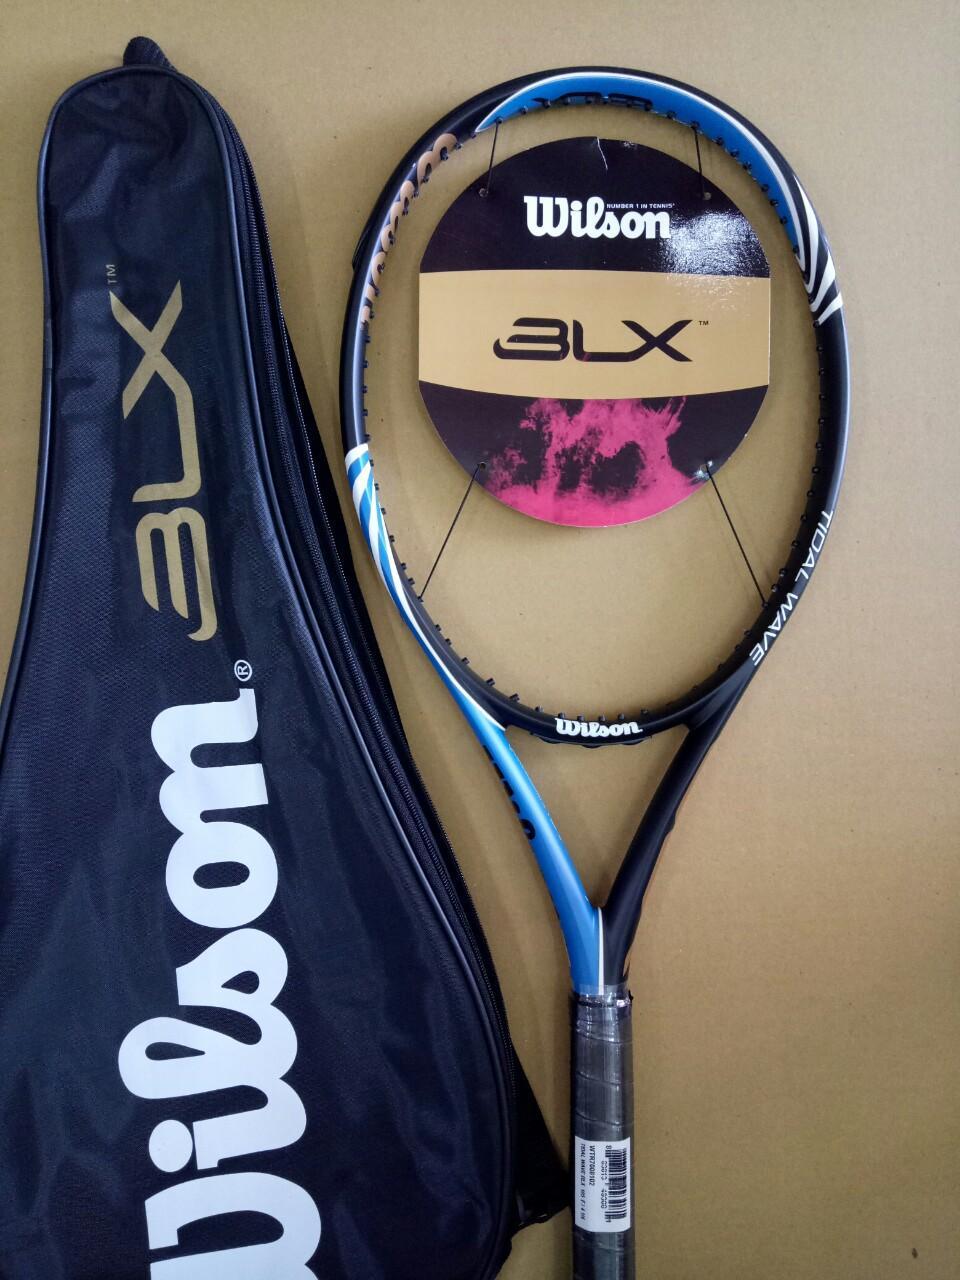 Bảng giá Vợt tennis Wilson 264g- Màu xanh - tặng căng cước quấn cán và bao vợt - ảnh thật sản phẩm